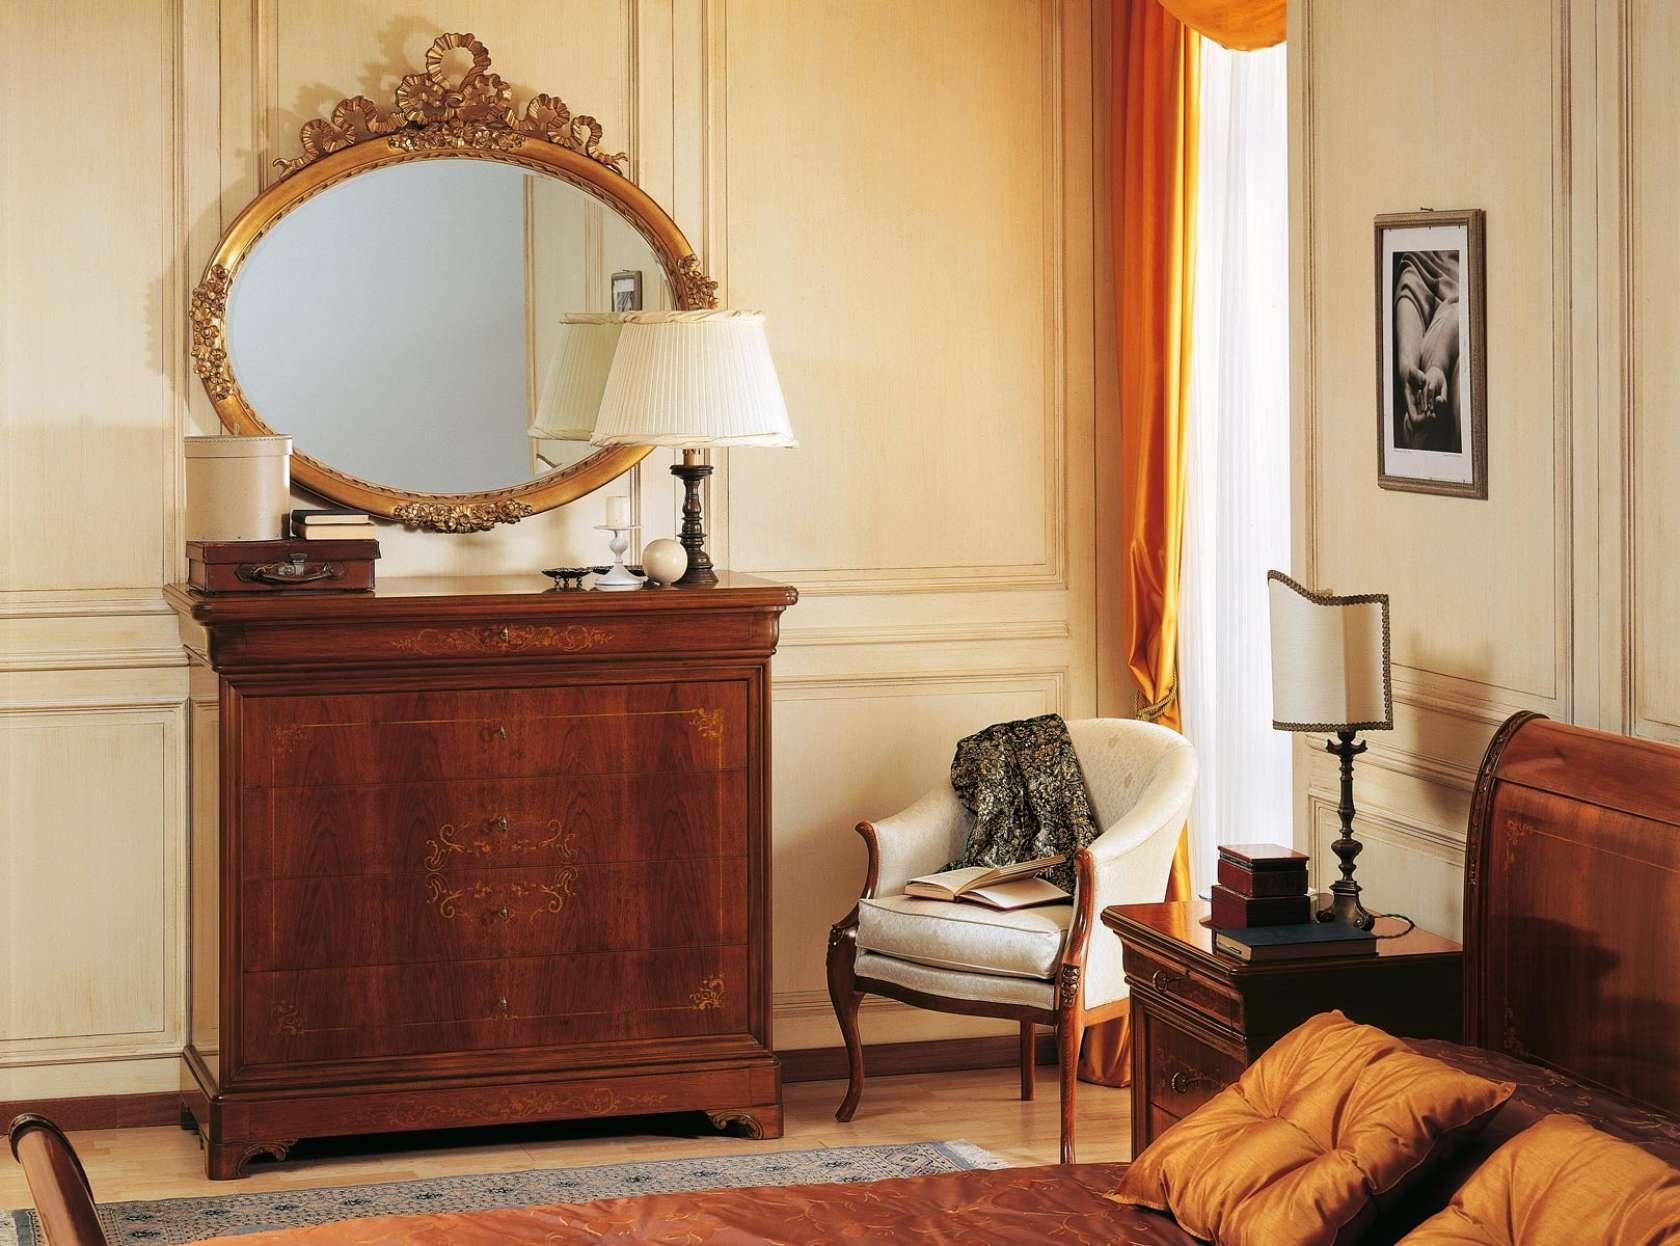 Camera da letto classica \'800 Francese | Vimercati Meda